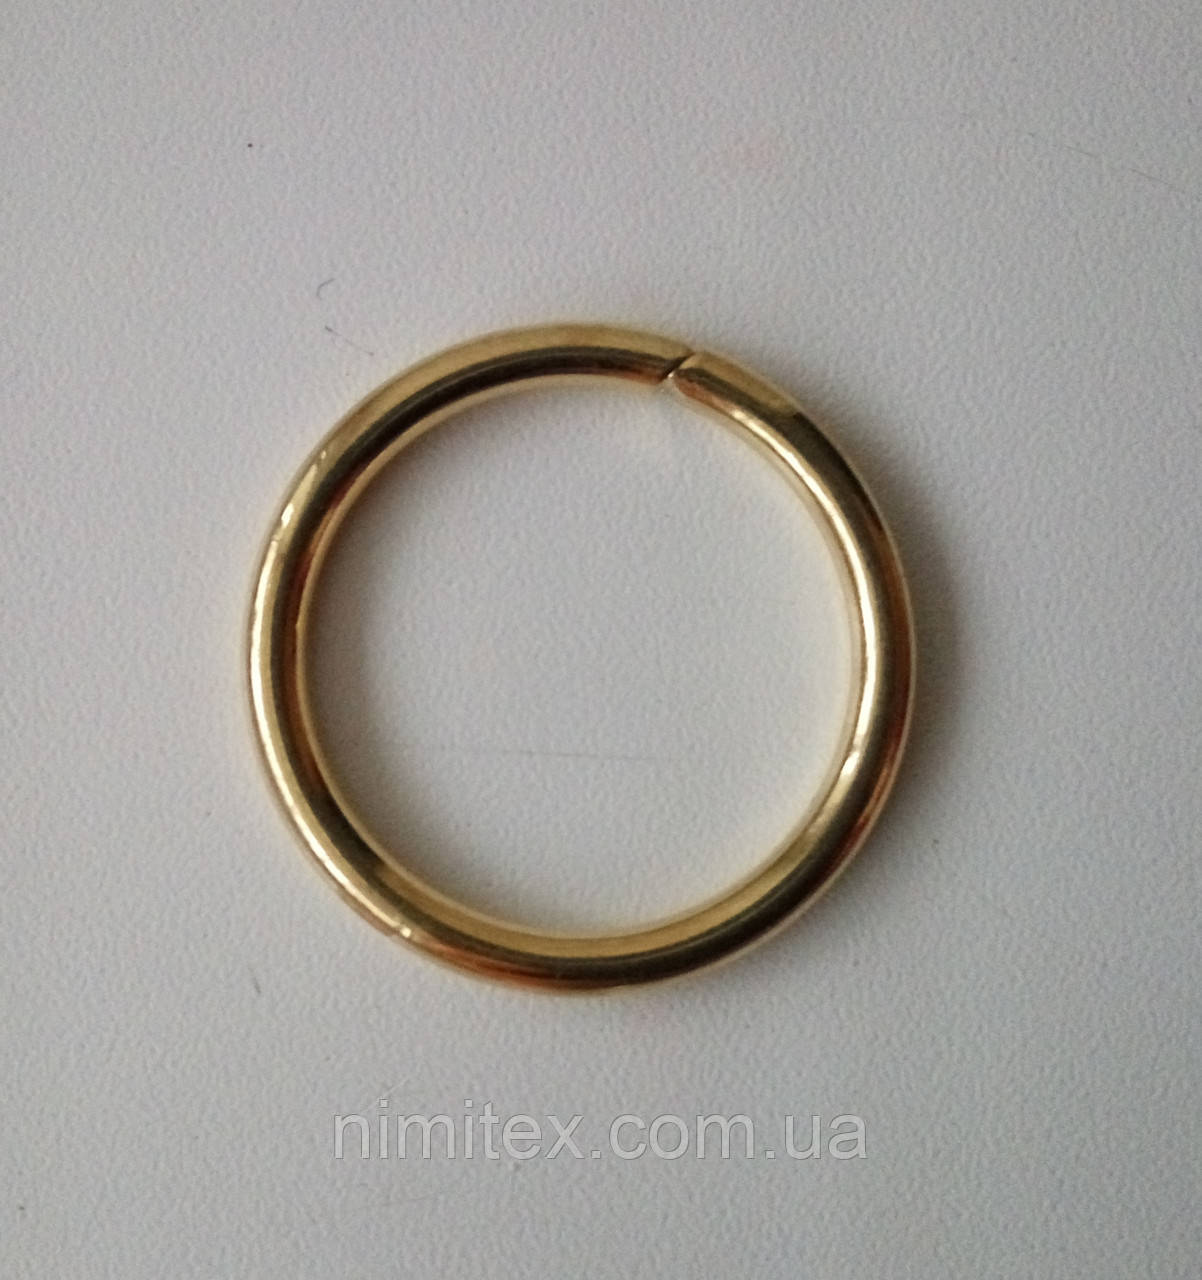 Кольцо литое сварное 25 мм золото